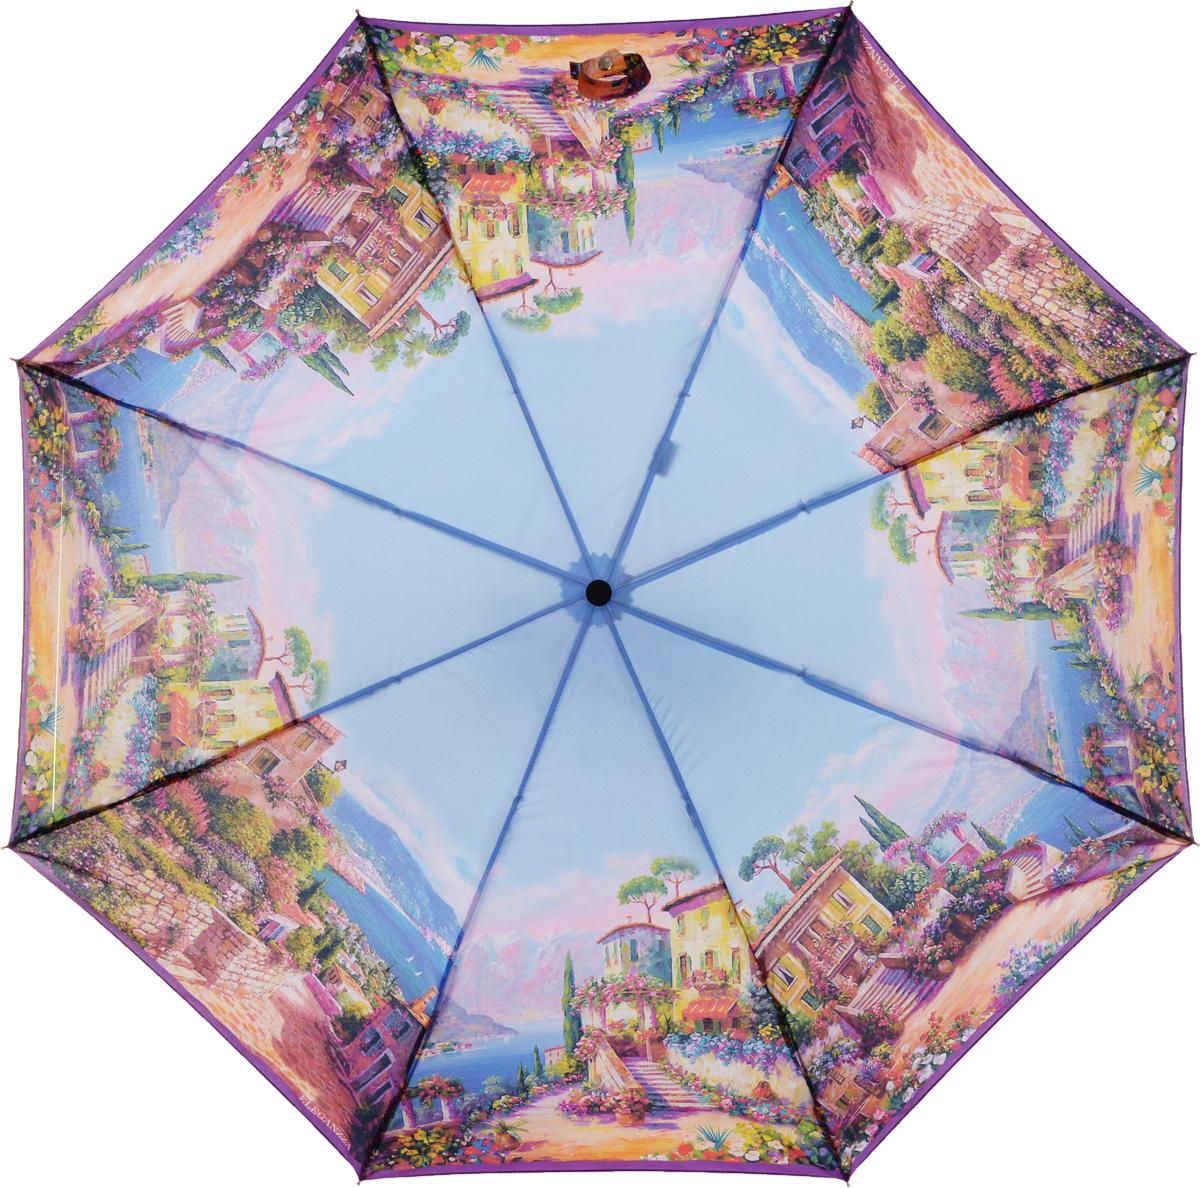 Зонт женский Eleganzza, автомат, 3 сложения, цвет: синий. A3-05-0285LSA3-05-0285LSЖенский зонт-автомат торговой марки ELEGANZZA с каркасом Smart, который позволяет без особых усилий складывать зонт, не позволяя стержню вылетать обратно. Купол: 100% полиэстер, эпонж. Материал каркаса: сталь + алюминий + фибергласс. Материал ручки: пластик. Длина изделия - 30 см. Диаметр купола - 105 см. Система Smart, не позволяет стержню при сложении вылететь обратно, это облегчает сложение зонта! При сложении есть характерный звук-треск, как трещетка. Примечание: зонт не откроется с кнопки если его не закрыть до щелчка!